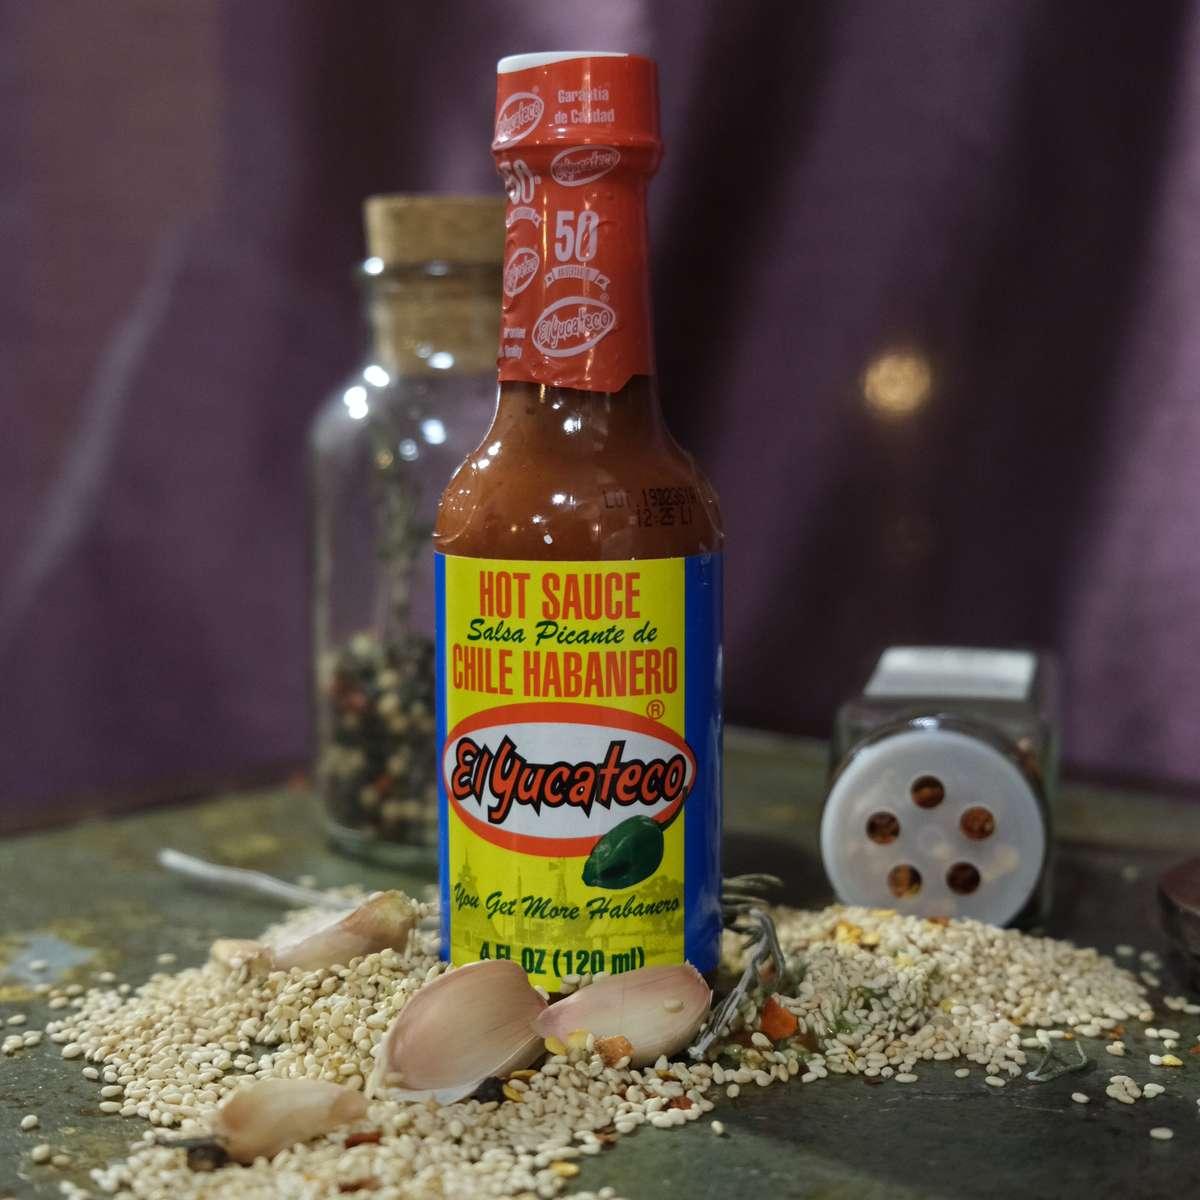 El Yucateco Habanero Red hot sauce